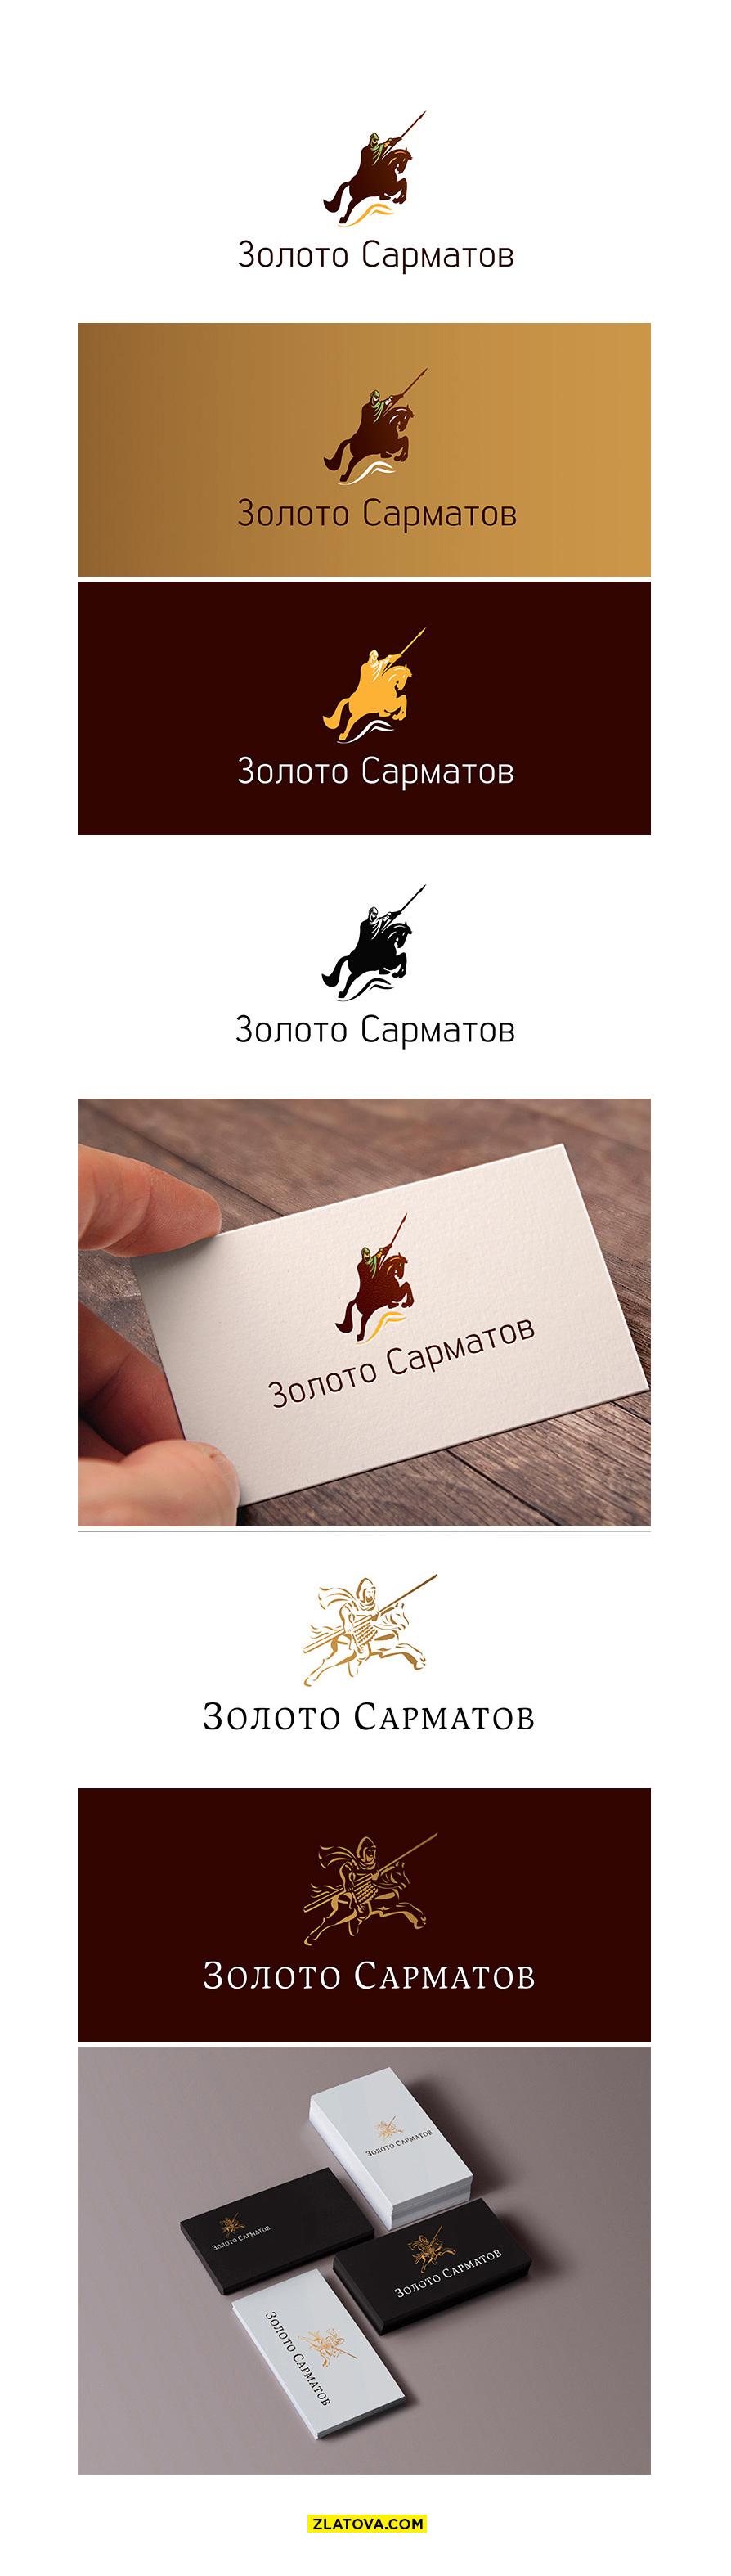 Золото Сарматов